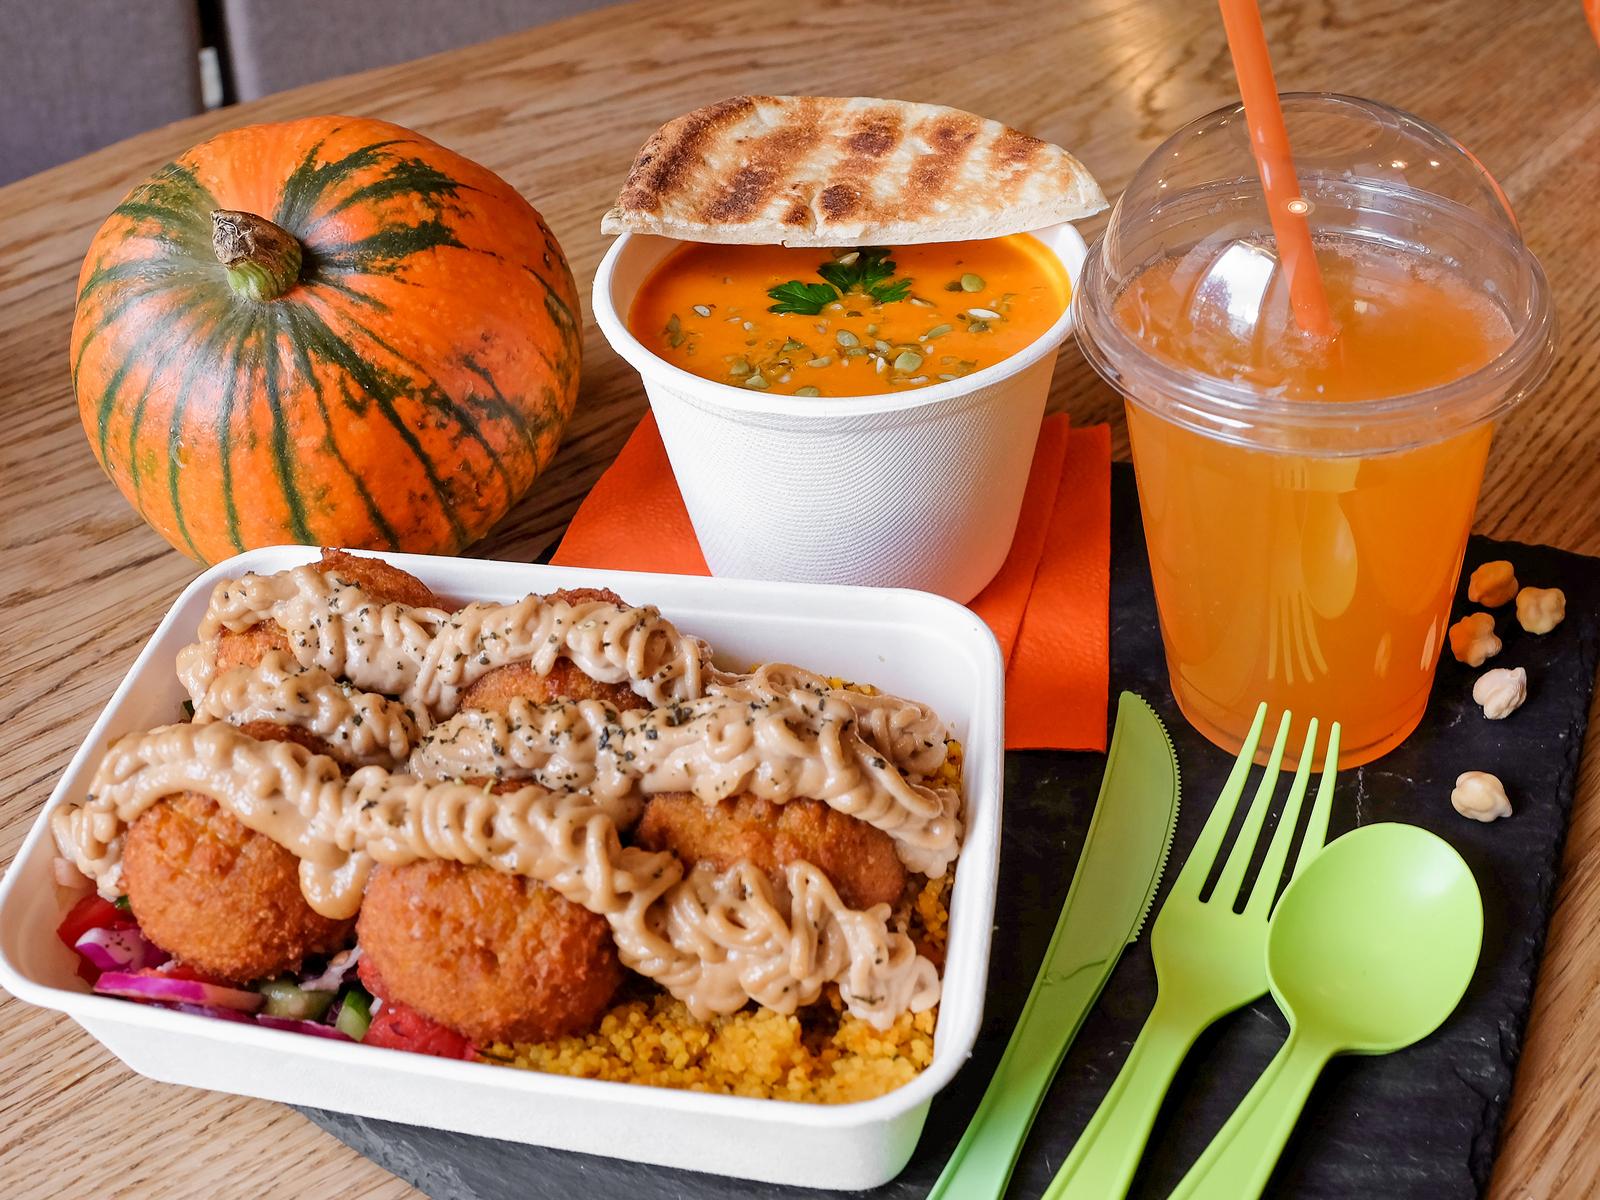 Обед с оранжевым фалафелем и кус-кусом